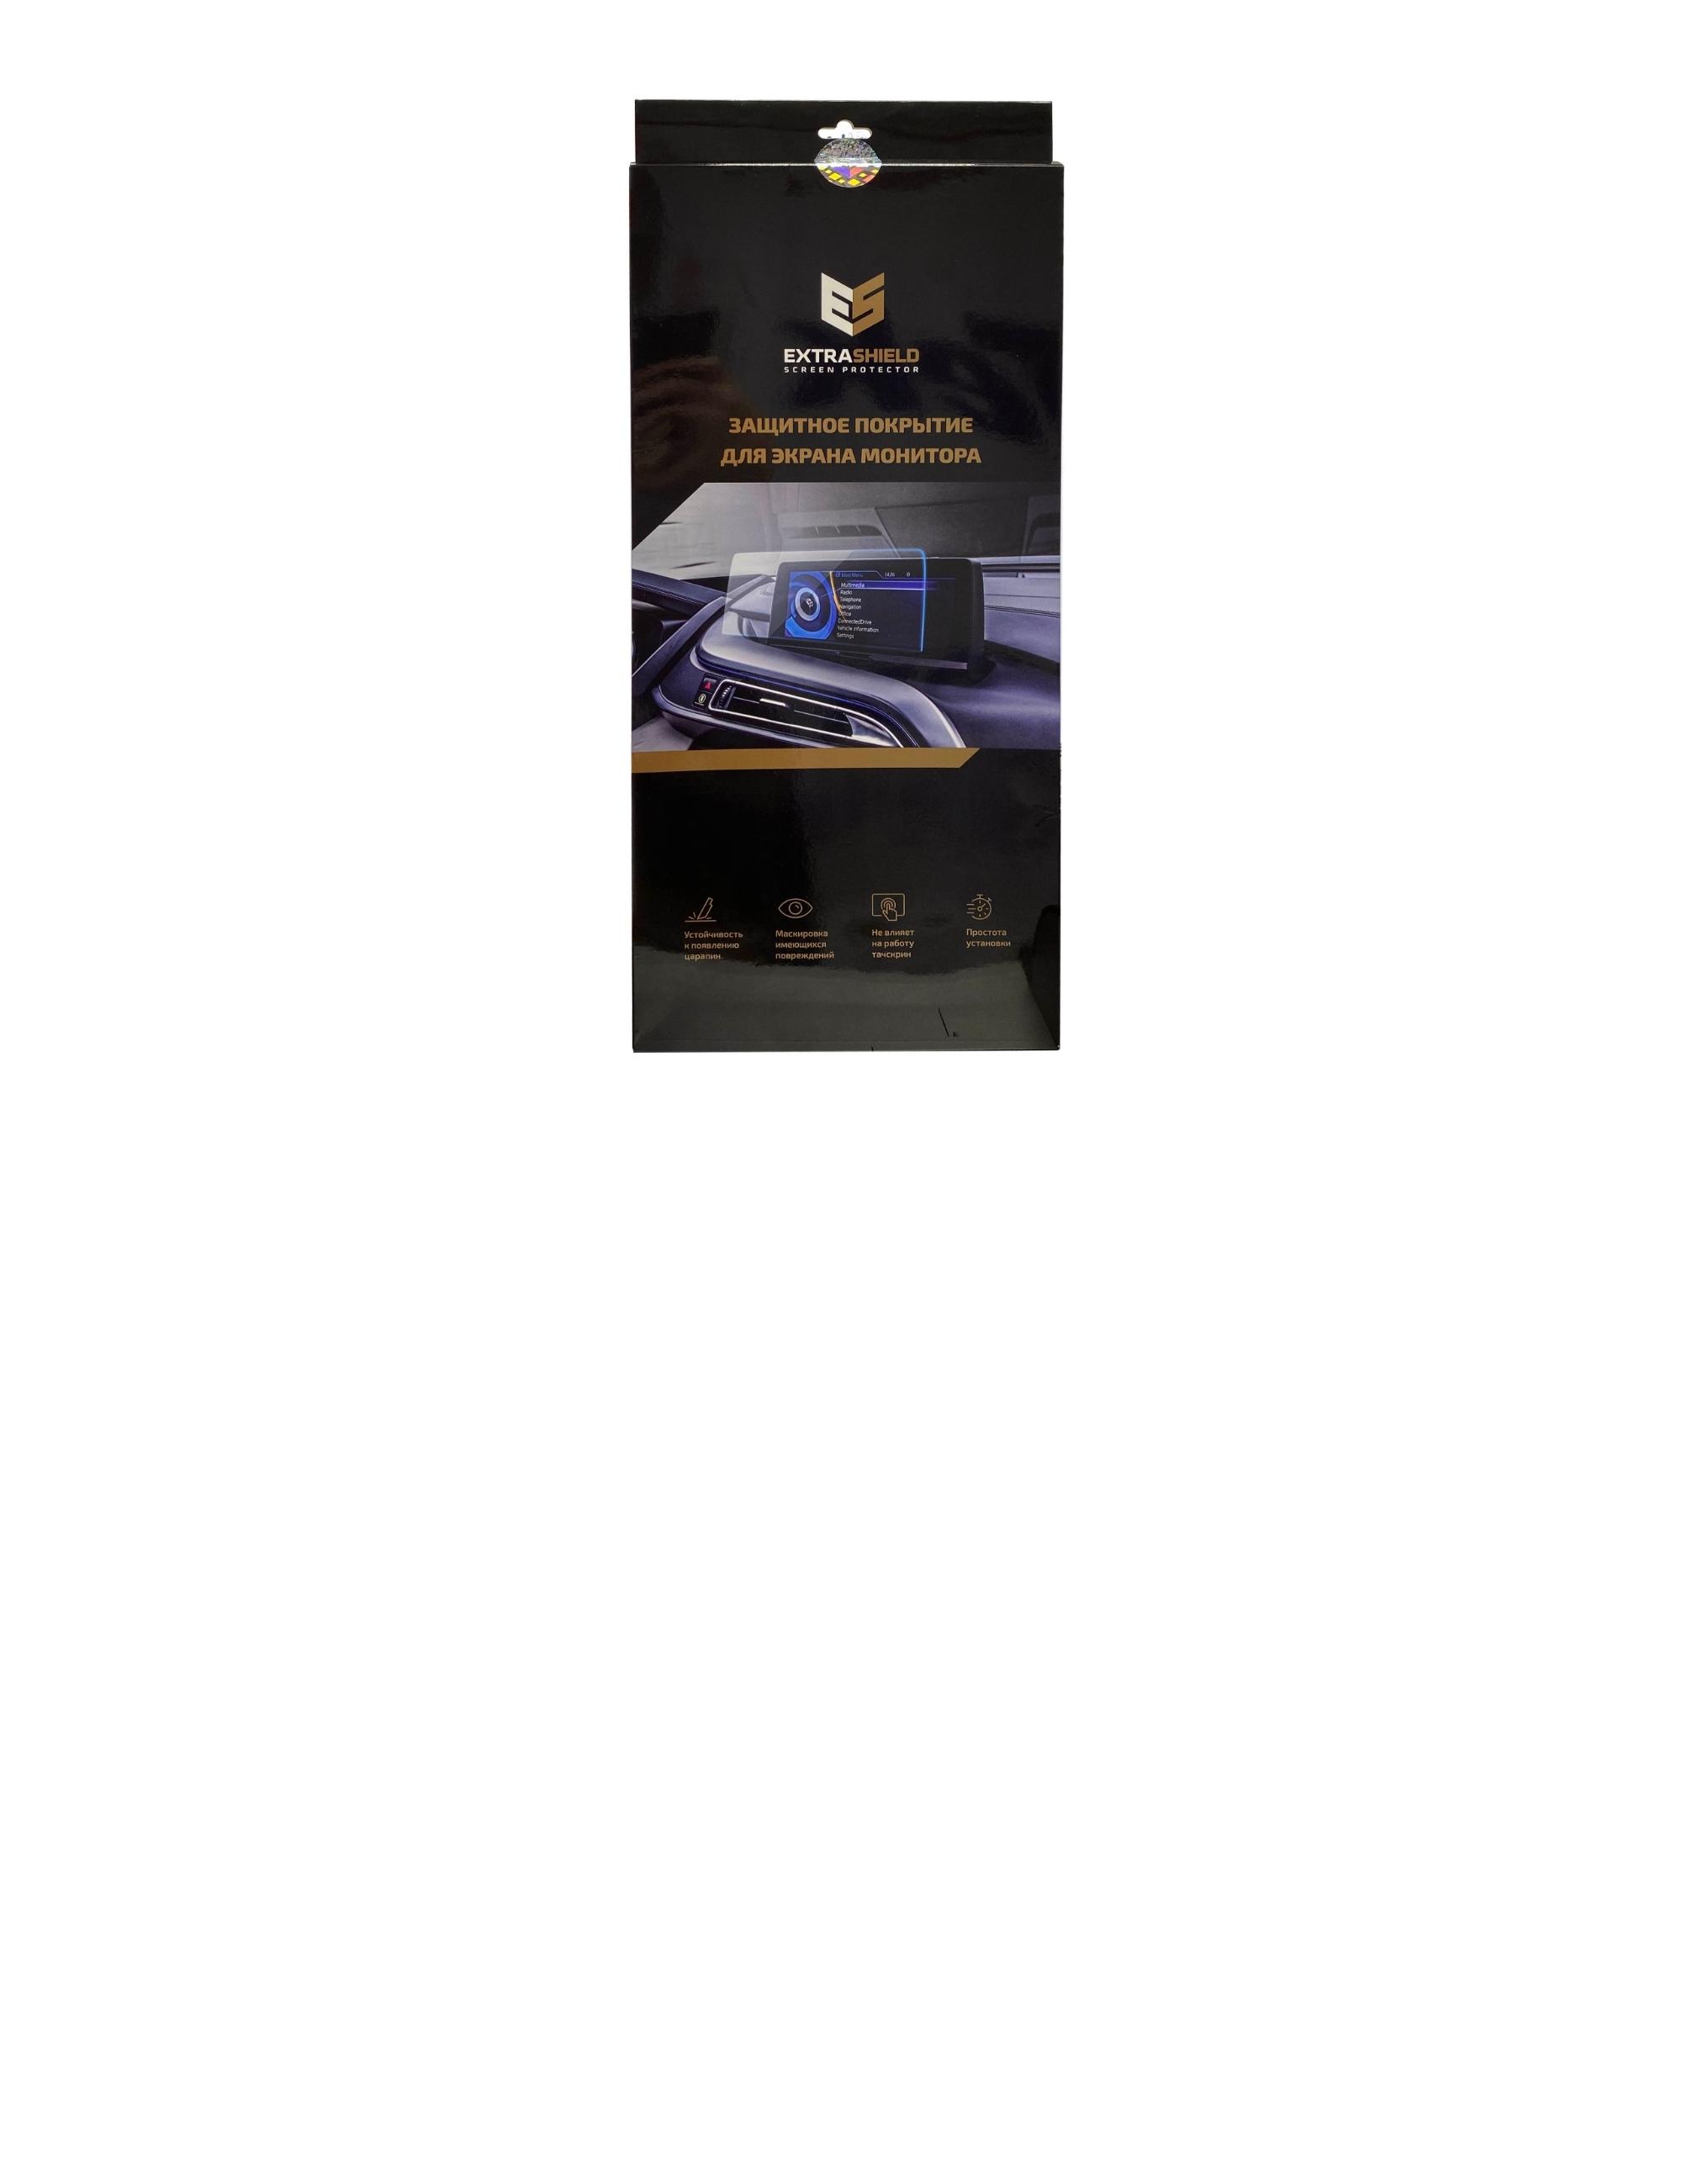 BMW 4 серия (G22) 2020 - н.в. мультимедиа 10,25 Статическая пленка Матовая